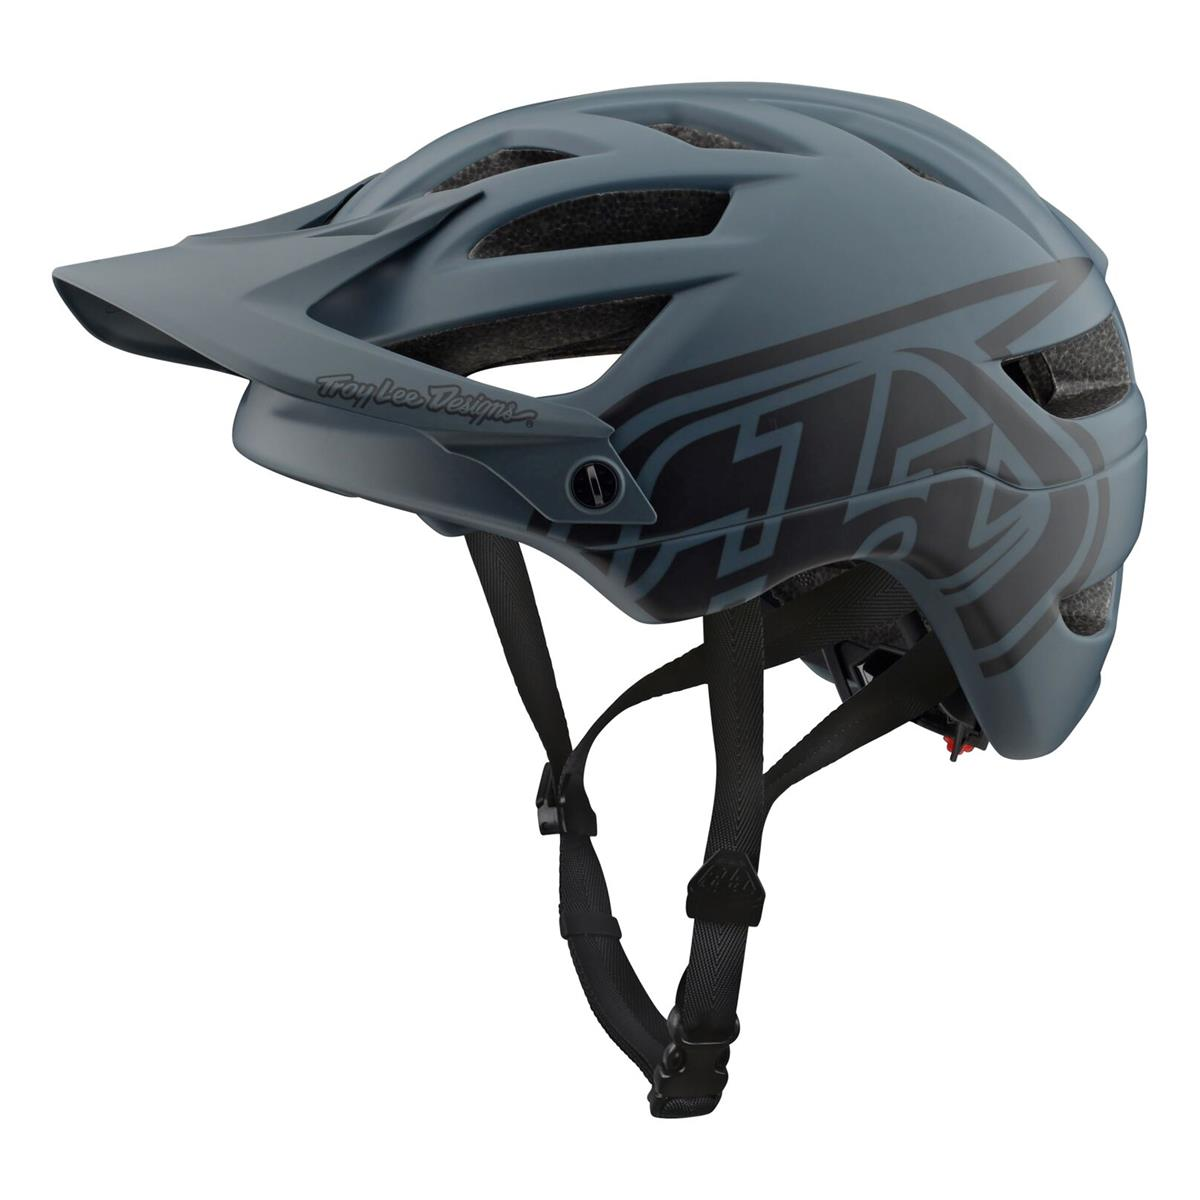 Troy Lee Designs Enduro-MTB Helm A1 Drone - Grau/Schwarz